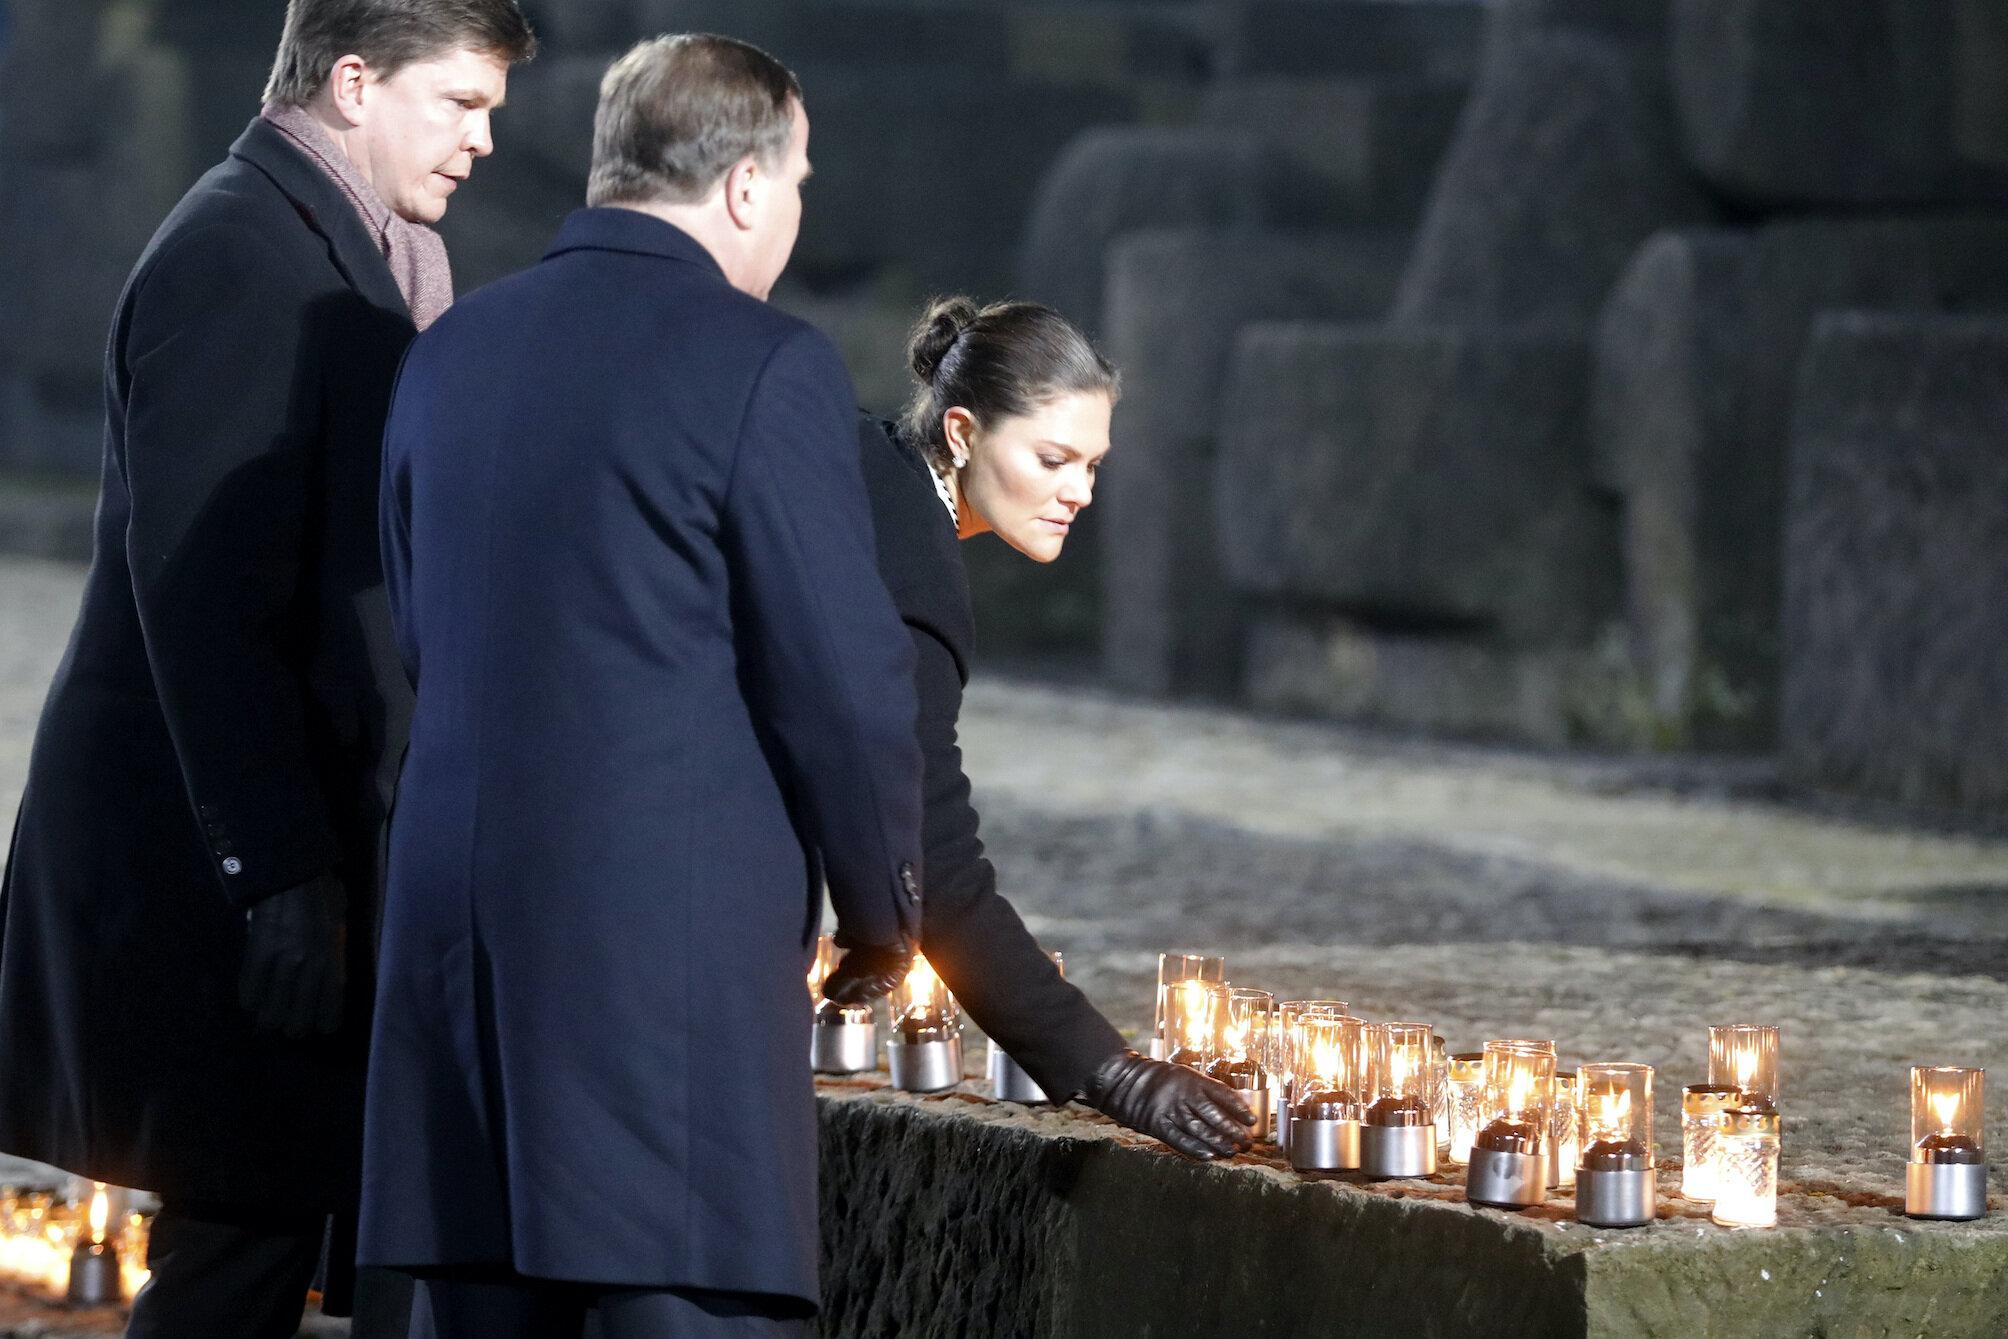 Emotionaler Augenblick: Kronprinzessin Victoria gedenkt den Opfern des Holocausts.  © picture alliance / AP Photo